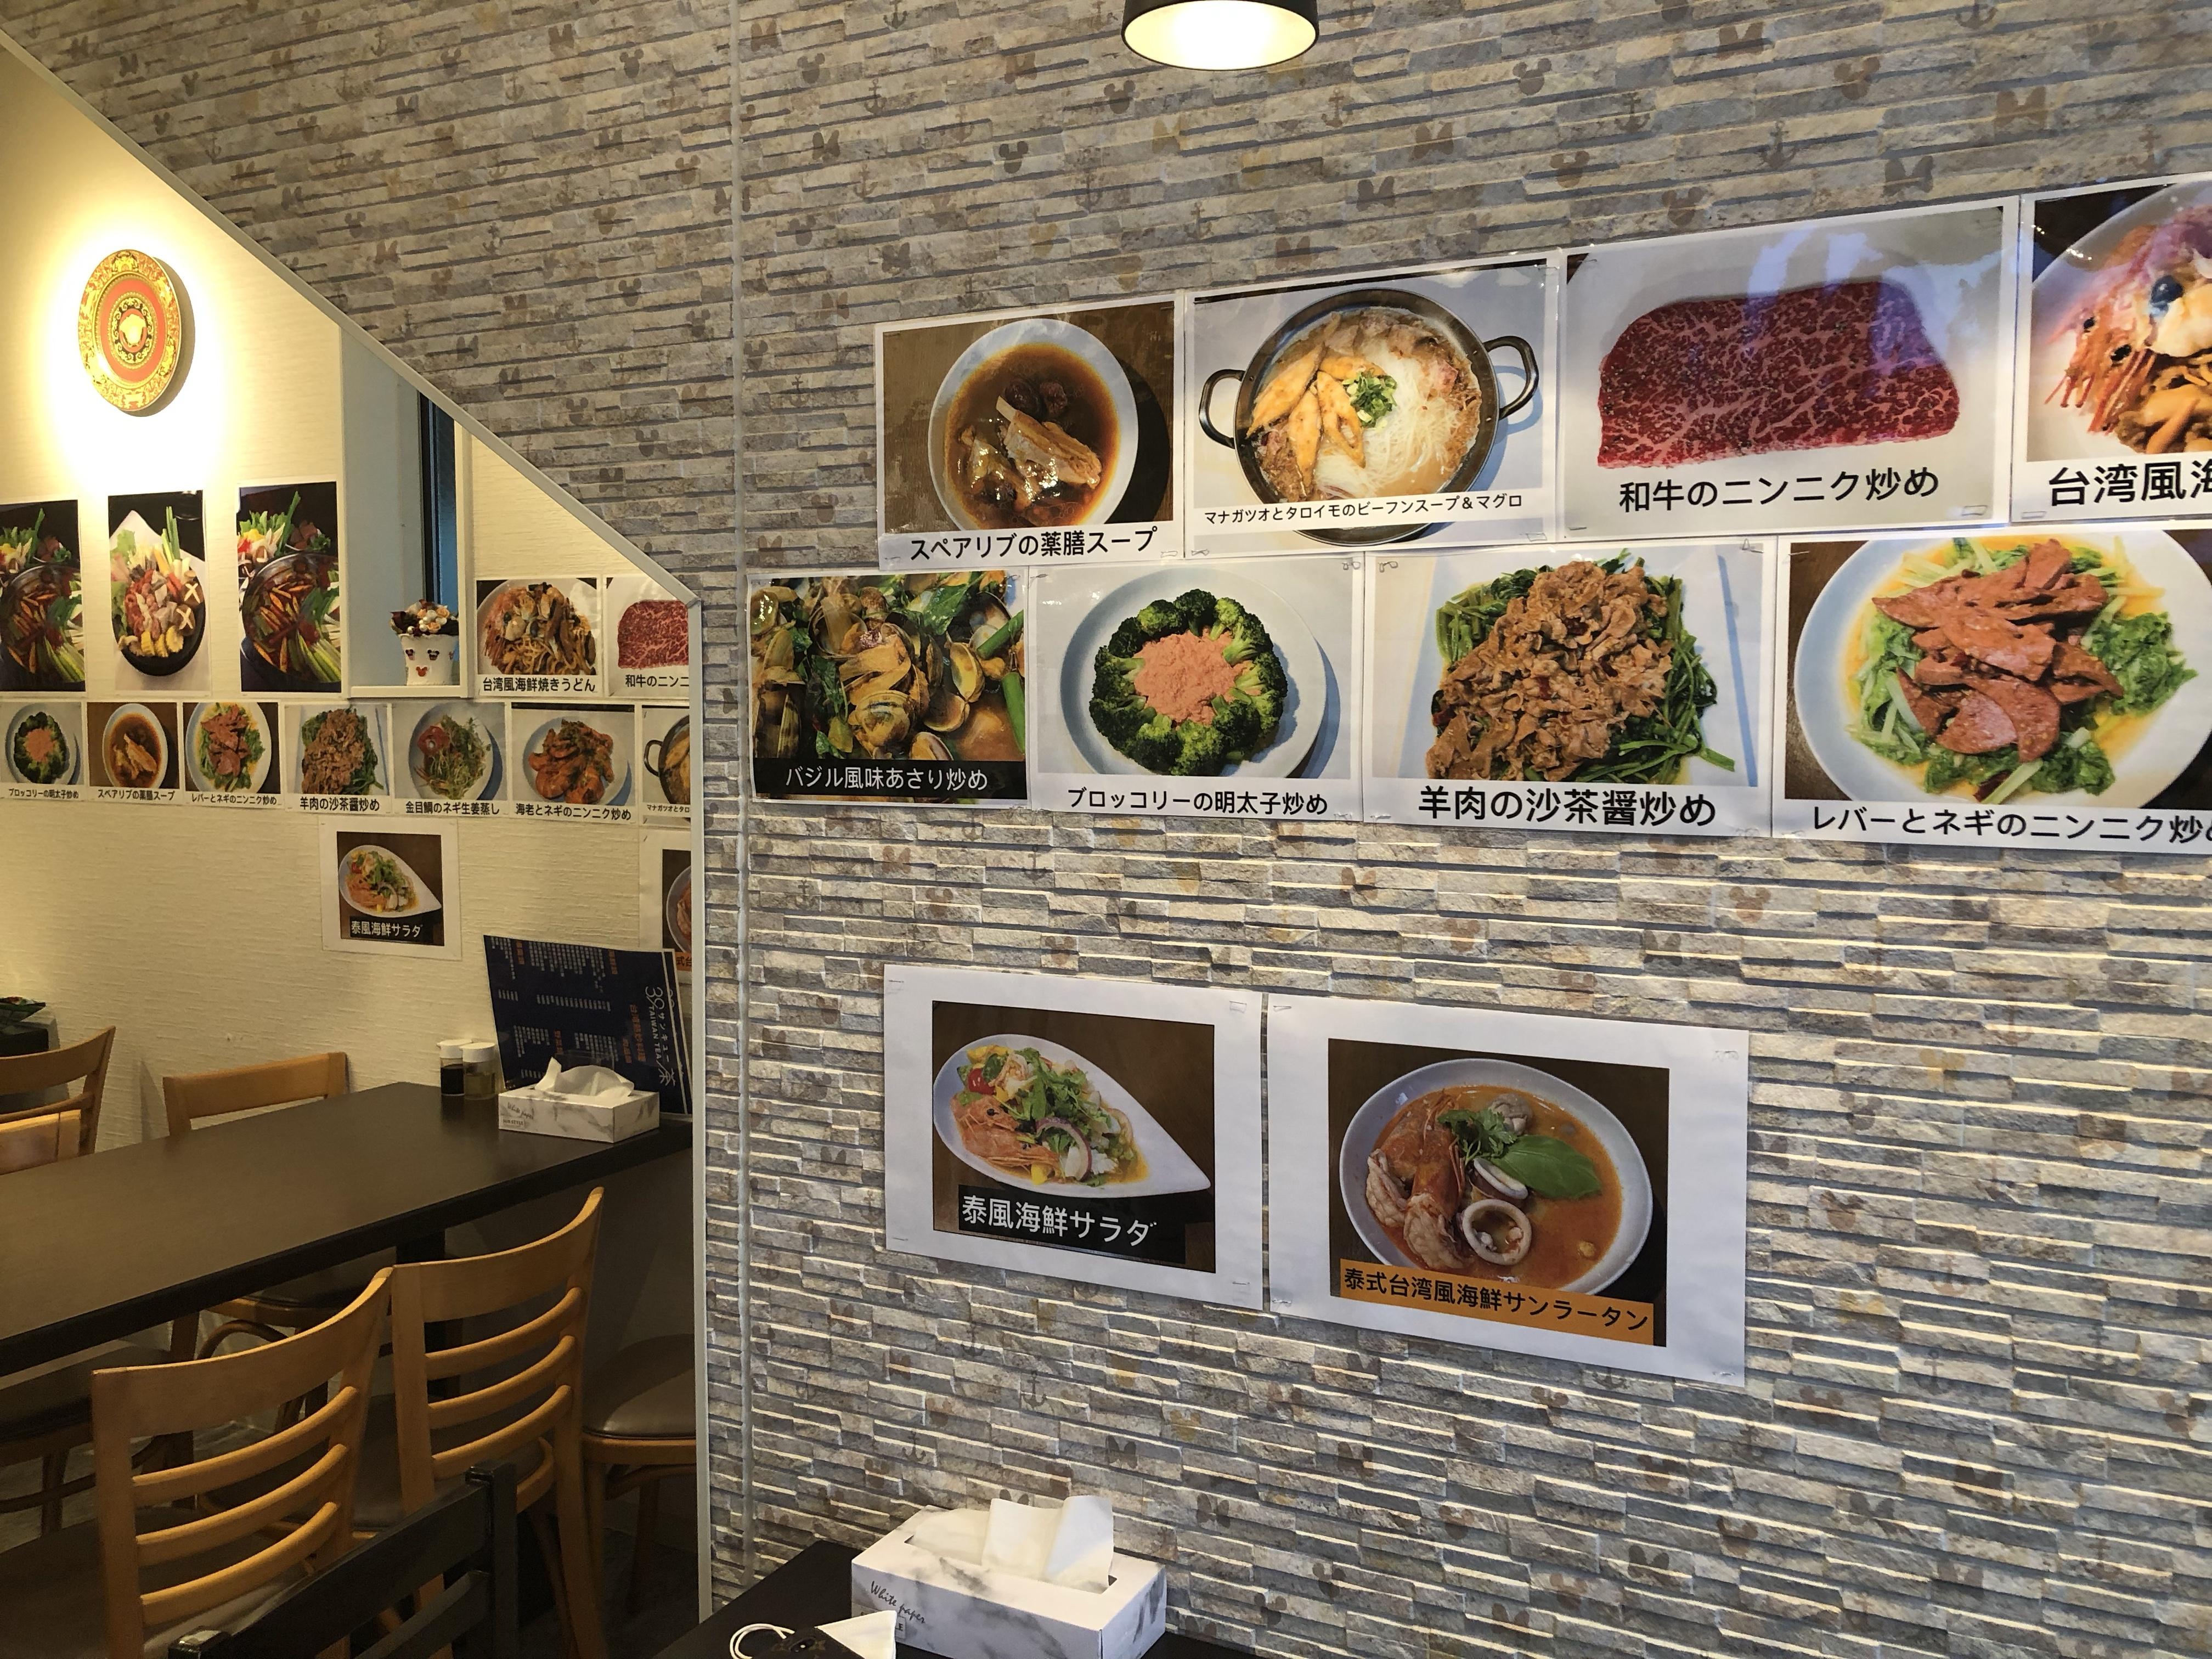 高円寺の台湾料理屋・39茶の店内メニュー